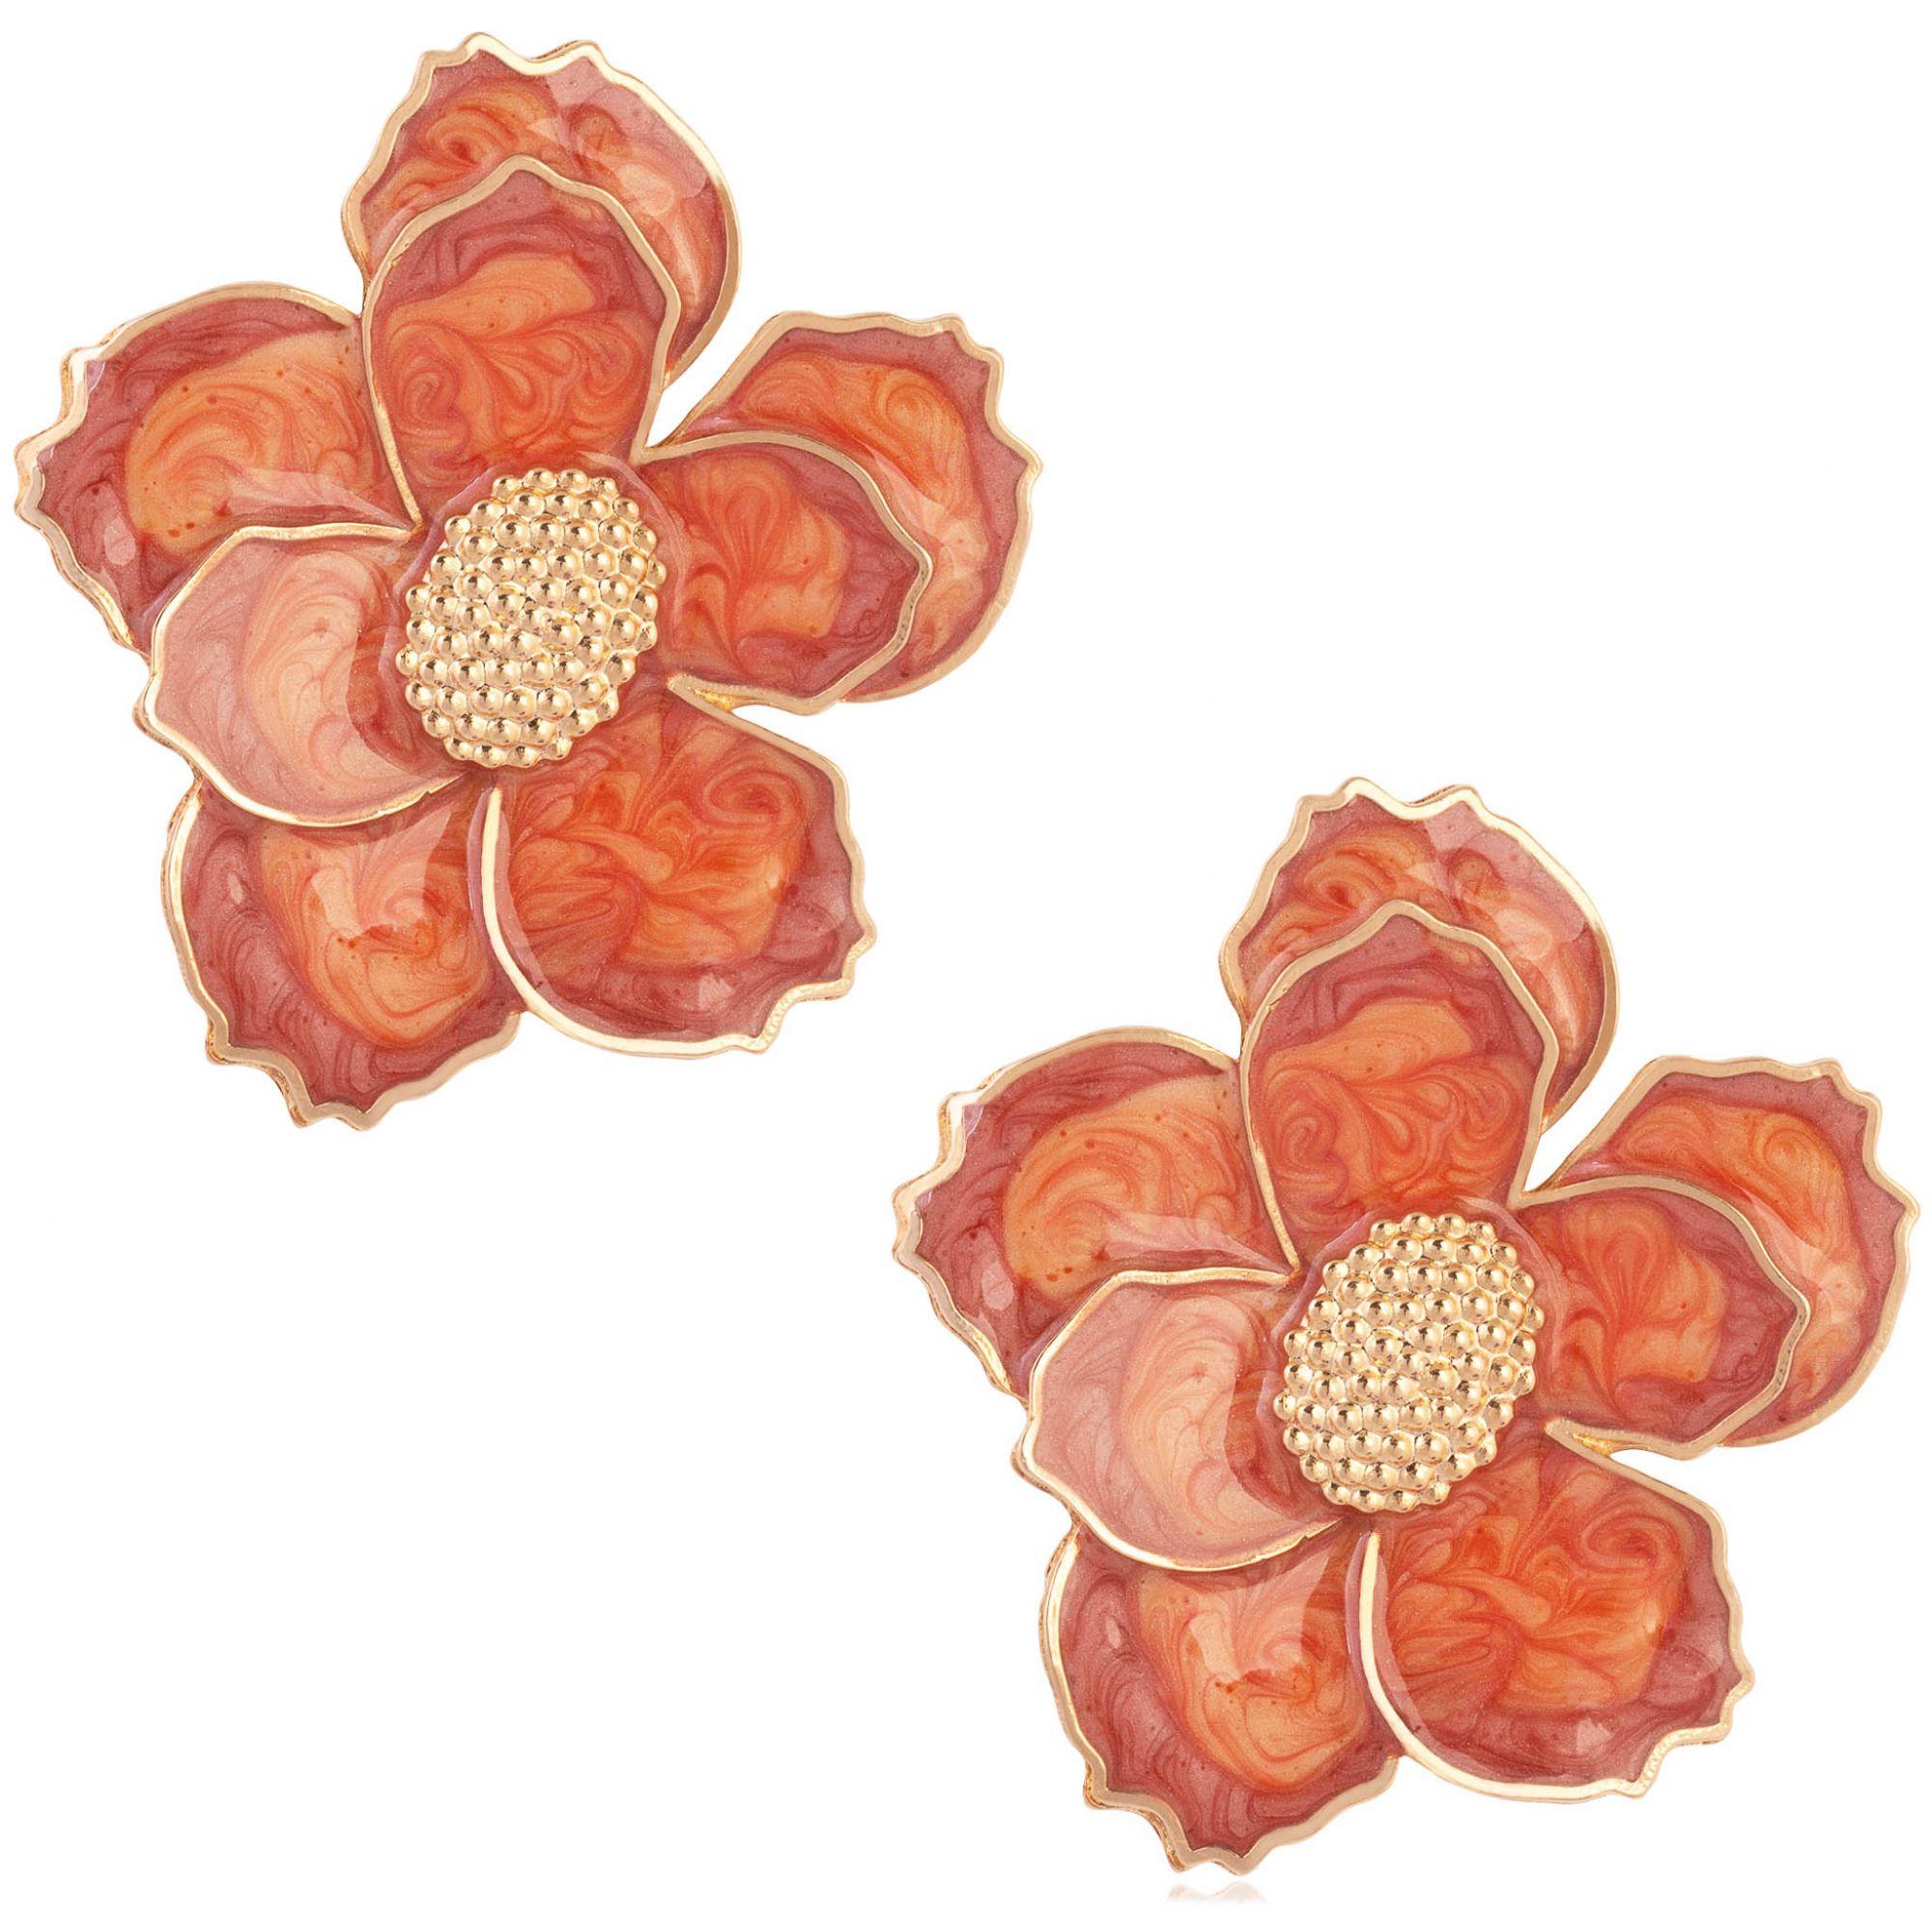 Brinco de flor banhado a ouro 18k com aplique resinado em tons de laranja.  - romabrazil.com.br